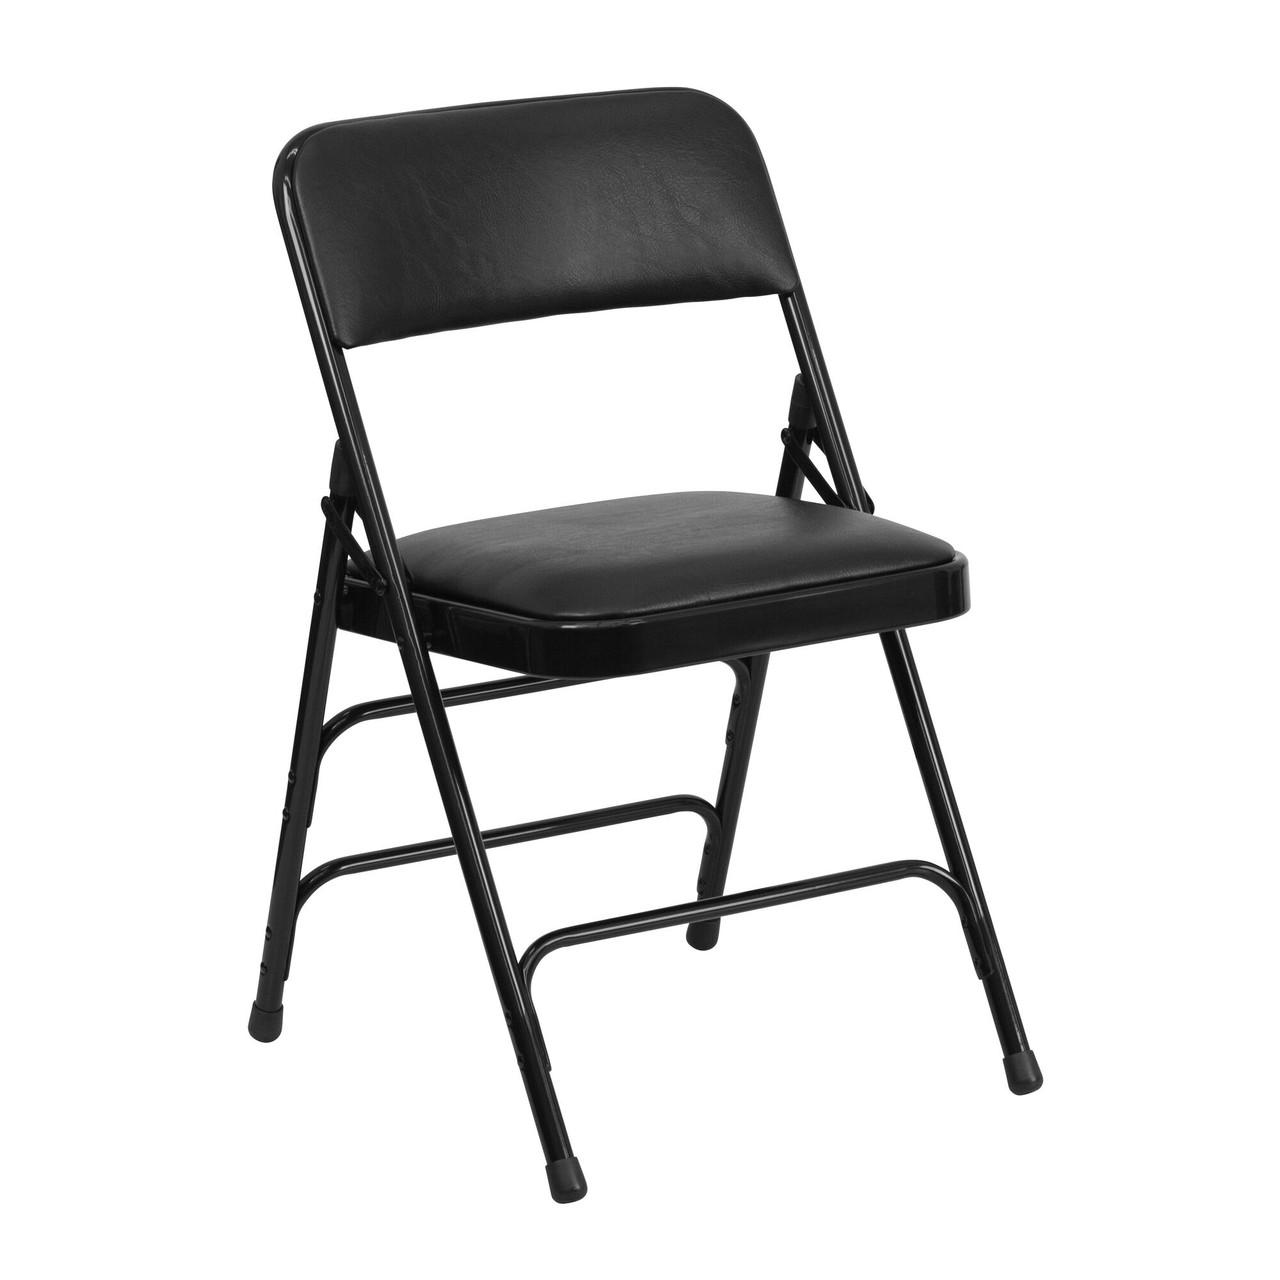 Swell Advantage Black Padded Metal Folding Chair Black 1 In Vinyl Seat Ha Mc309Av Bk Gg Ibusinesslaw Wood Chair Design Ideas Ibusinesslaworg